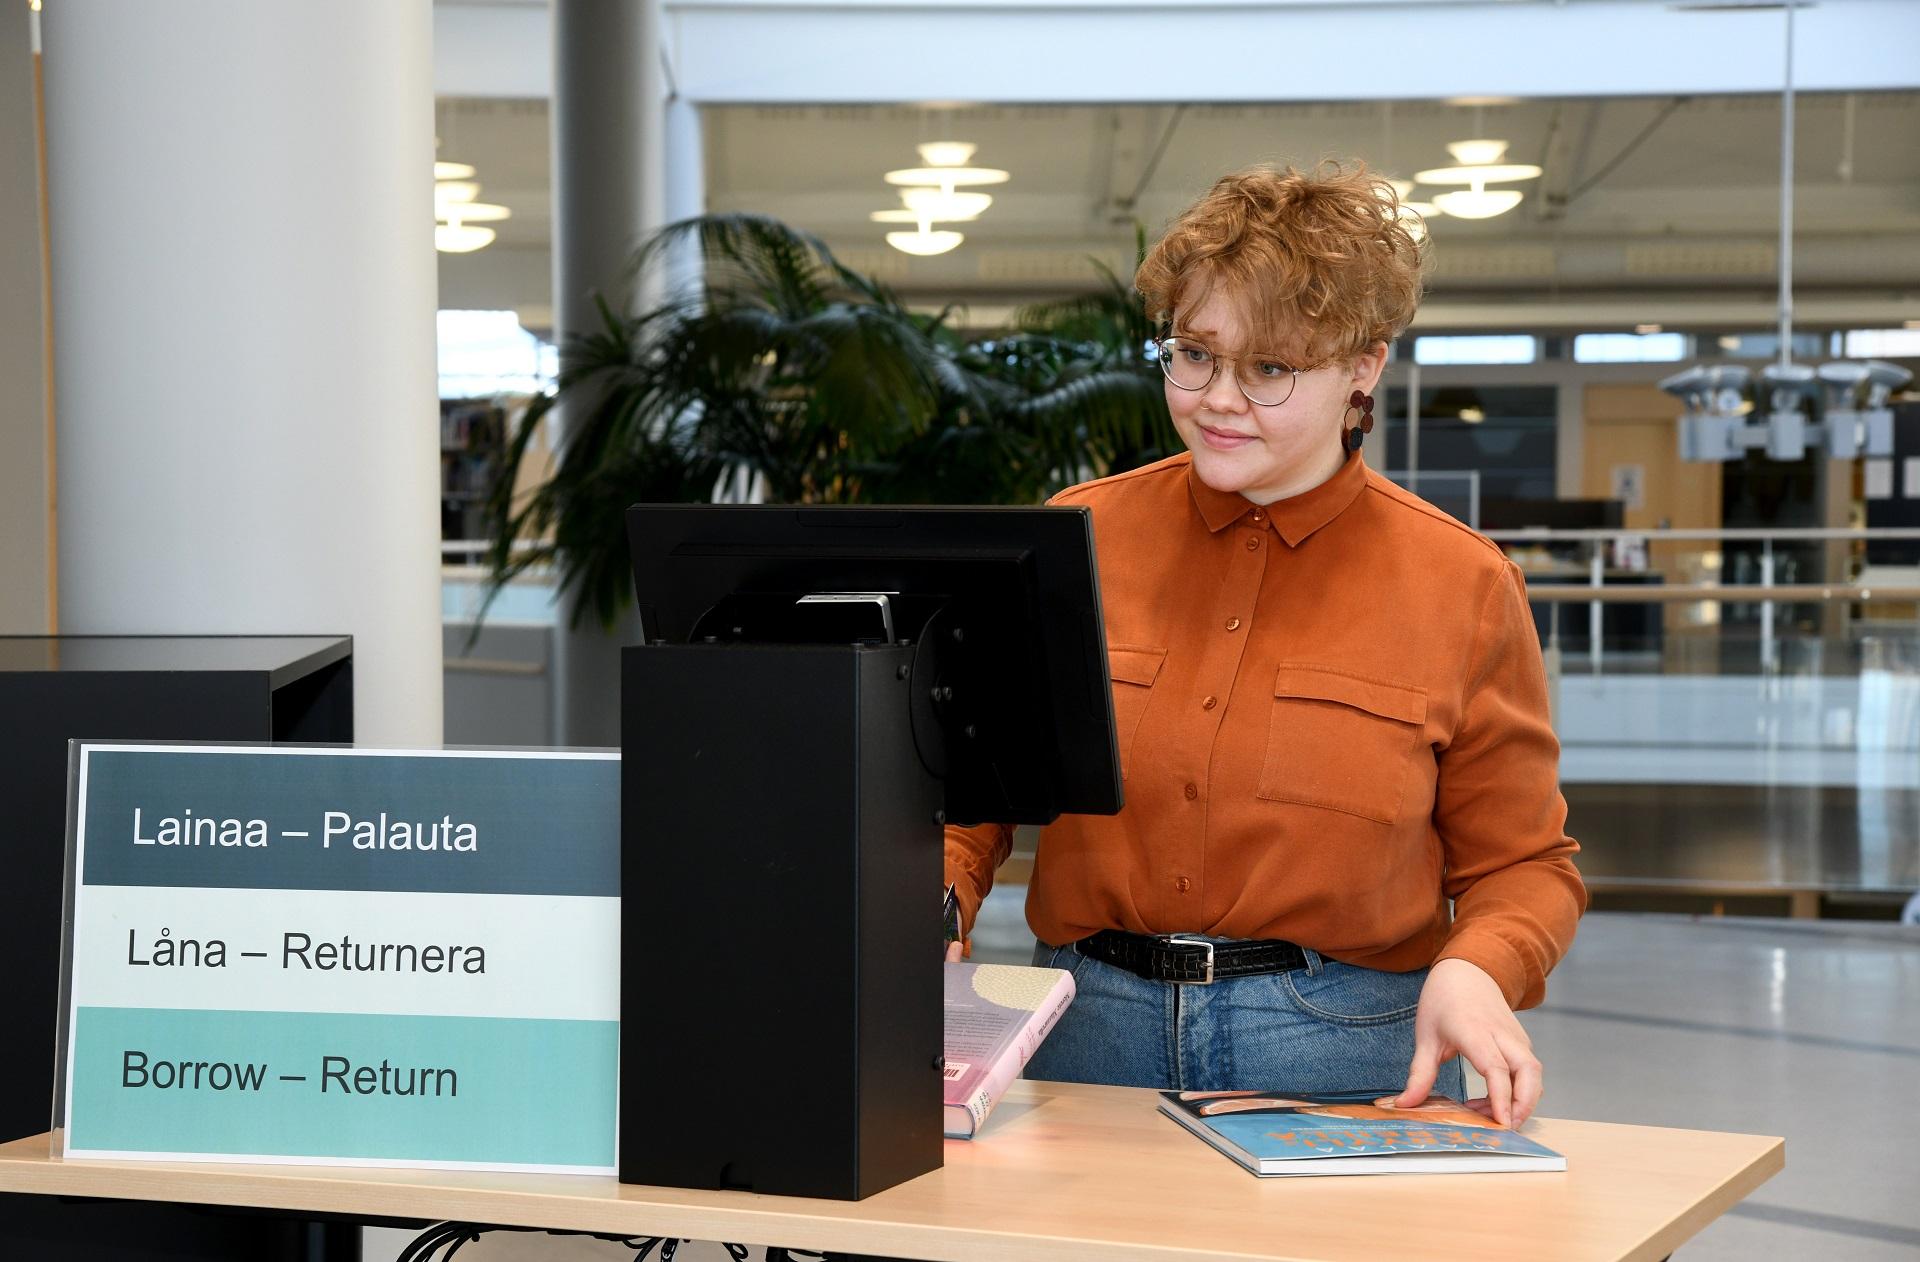 Nuori nainen lainaa kirjoja lainausautomaatilla.